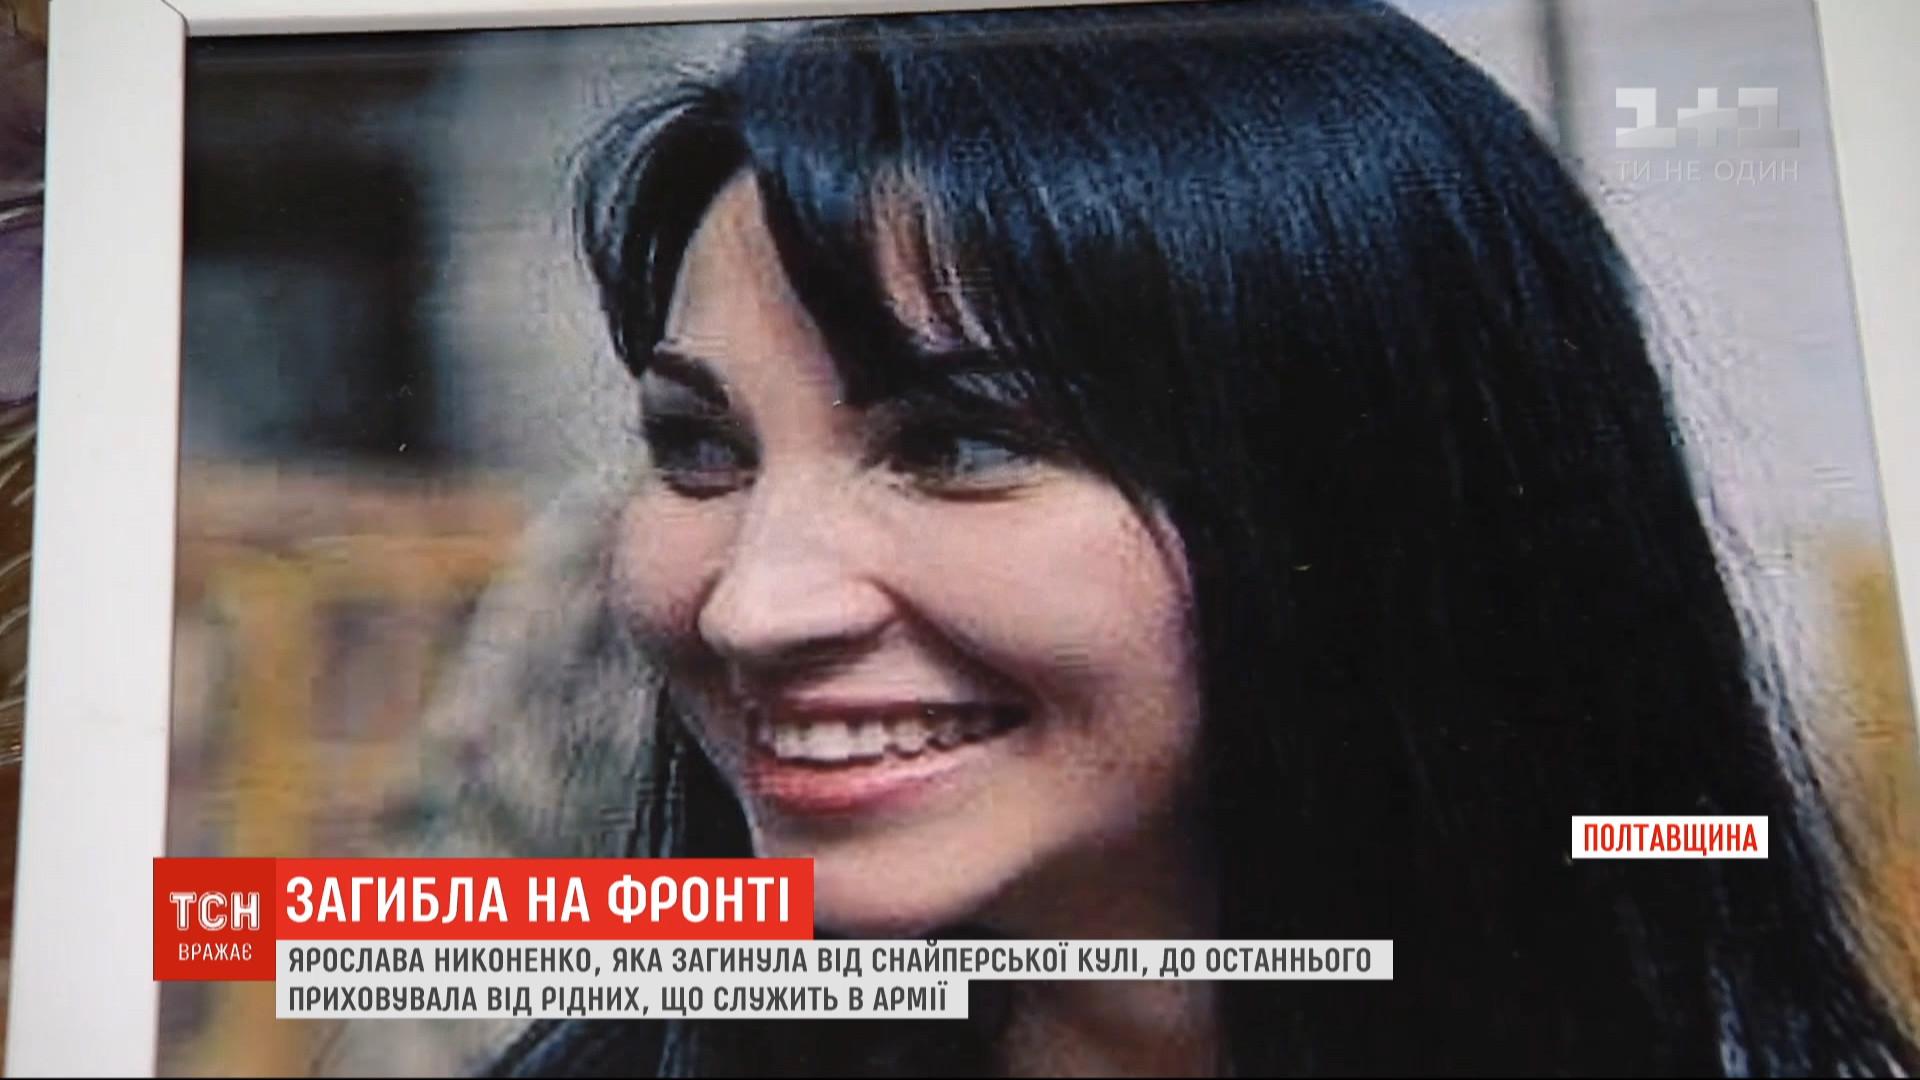 Ярослава Никоненко погибла от пули снайпера